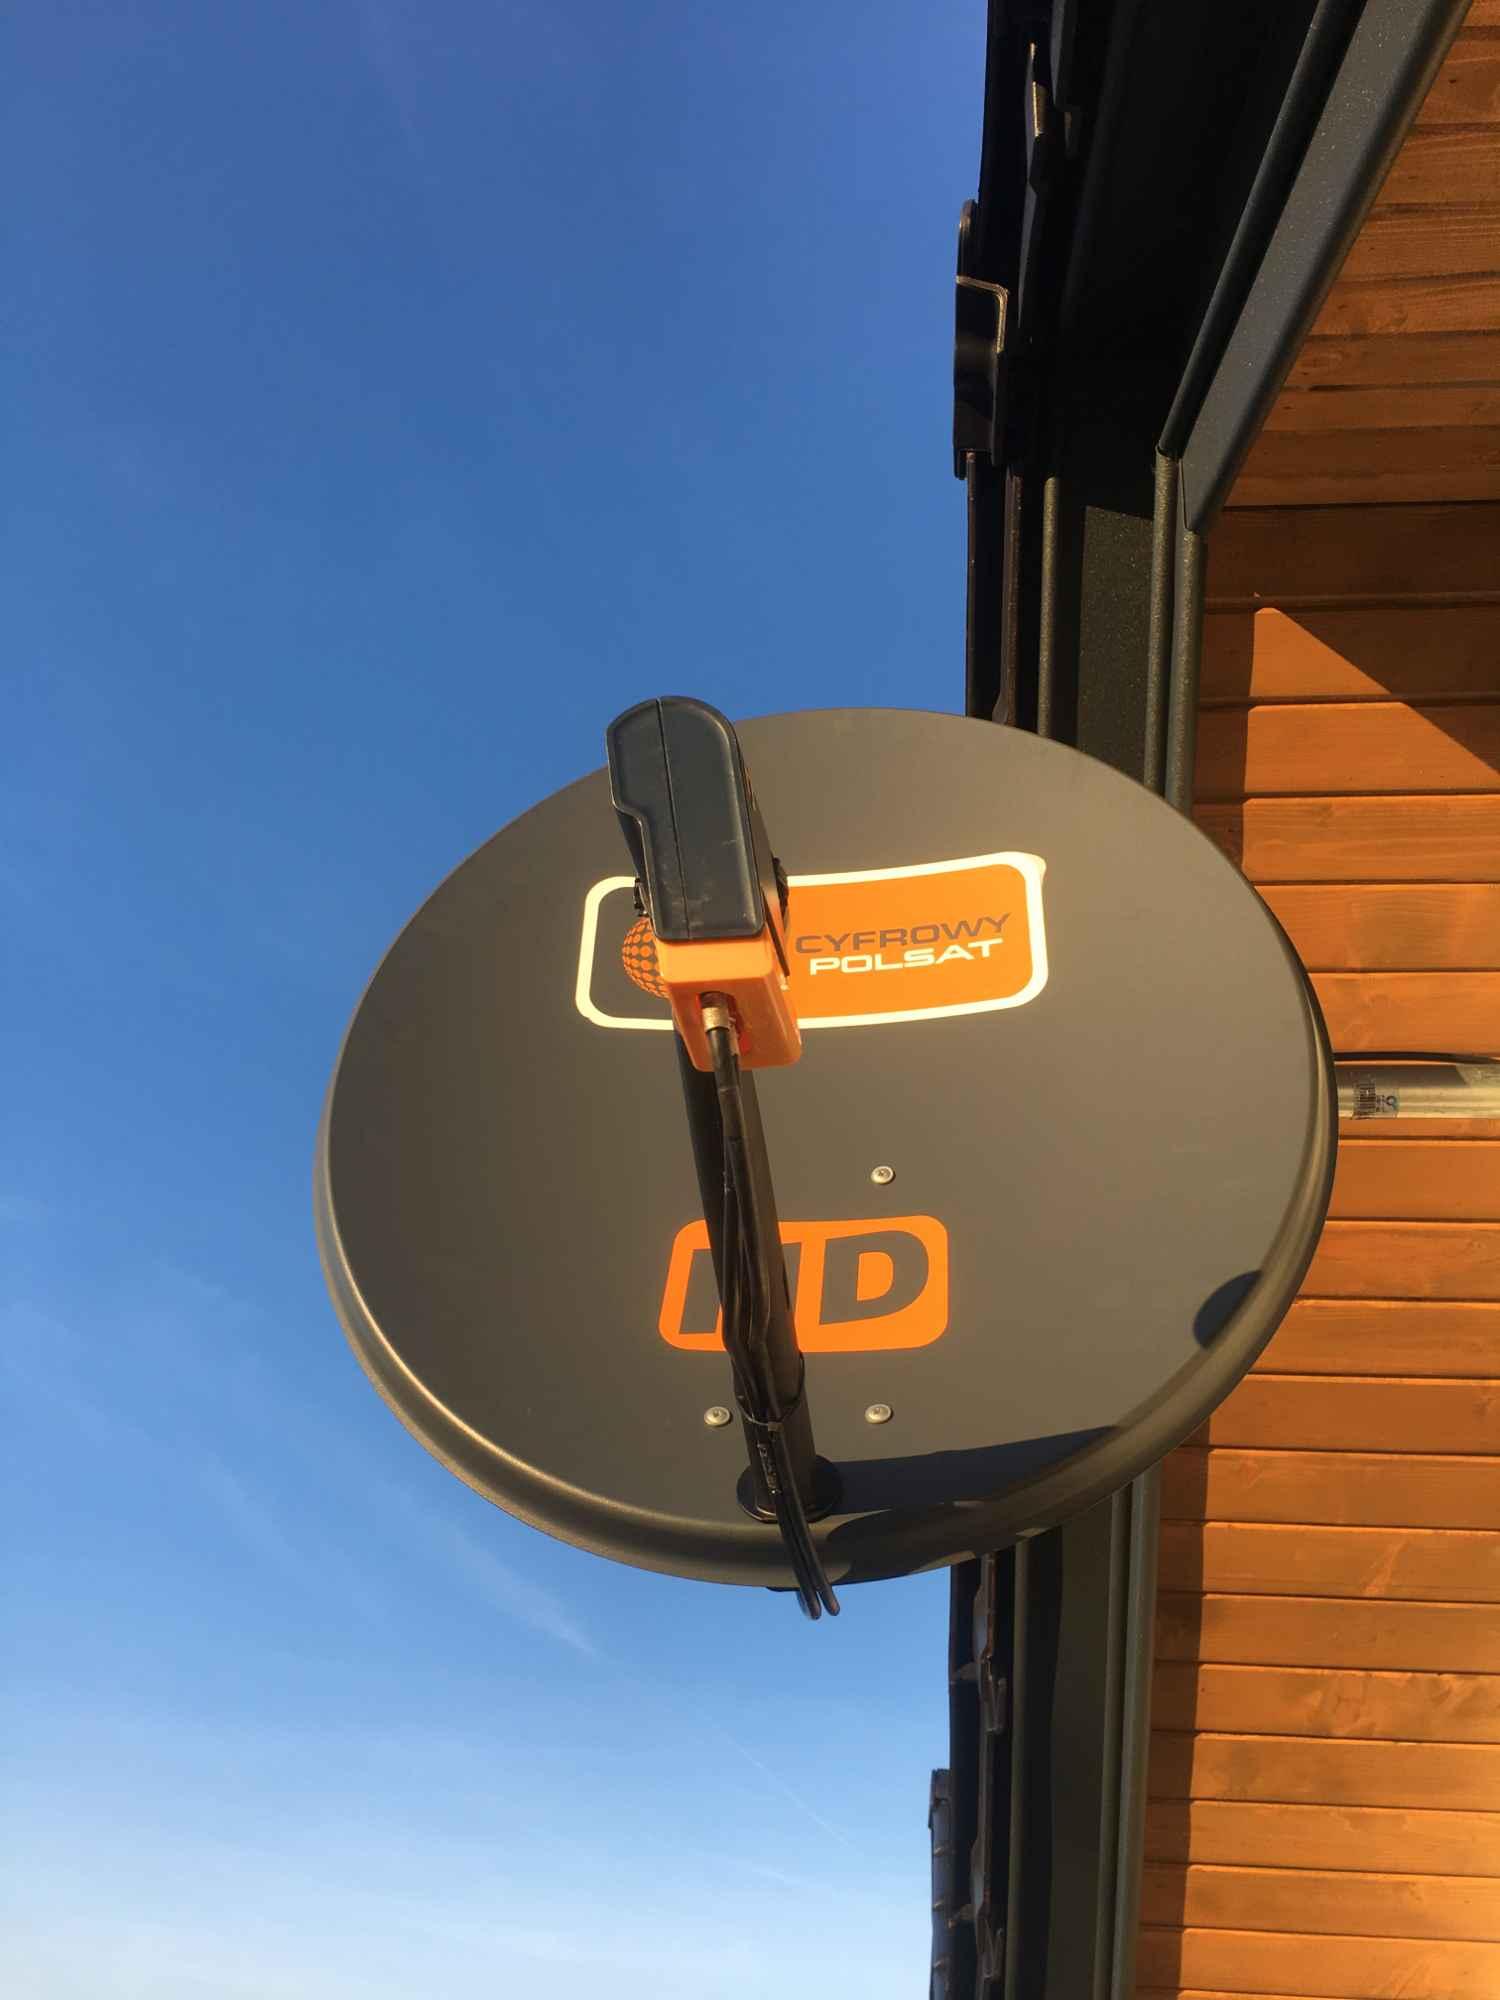 REGULACJA SERWIS NAPRAWA MONTAŻ ANTEN SATELITARNYCH DVB-T 24h Skawina - zdjęcie 2